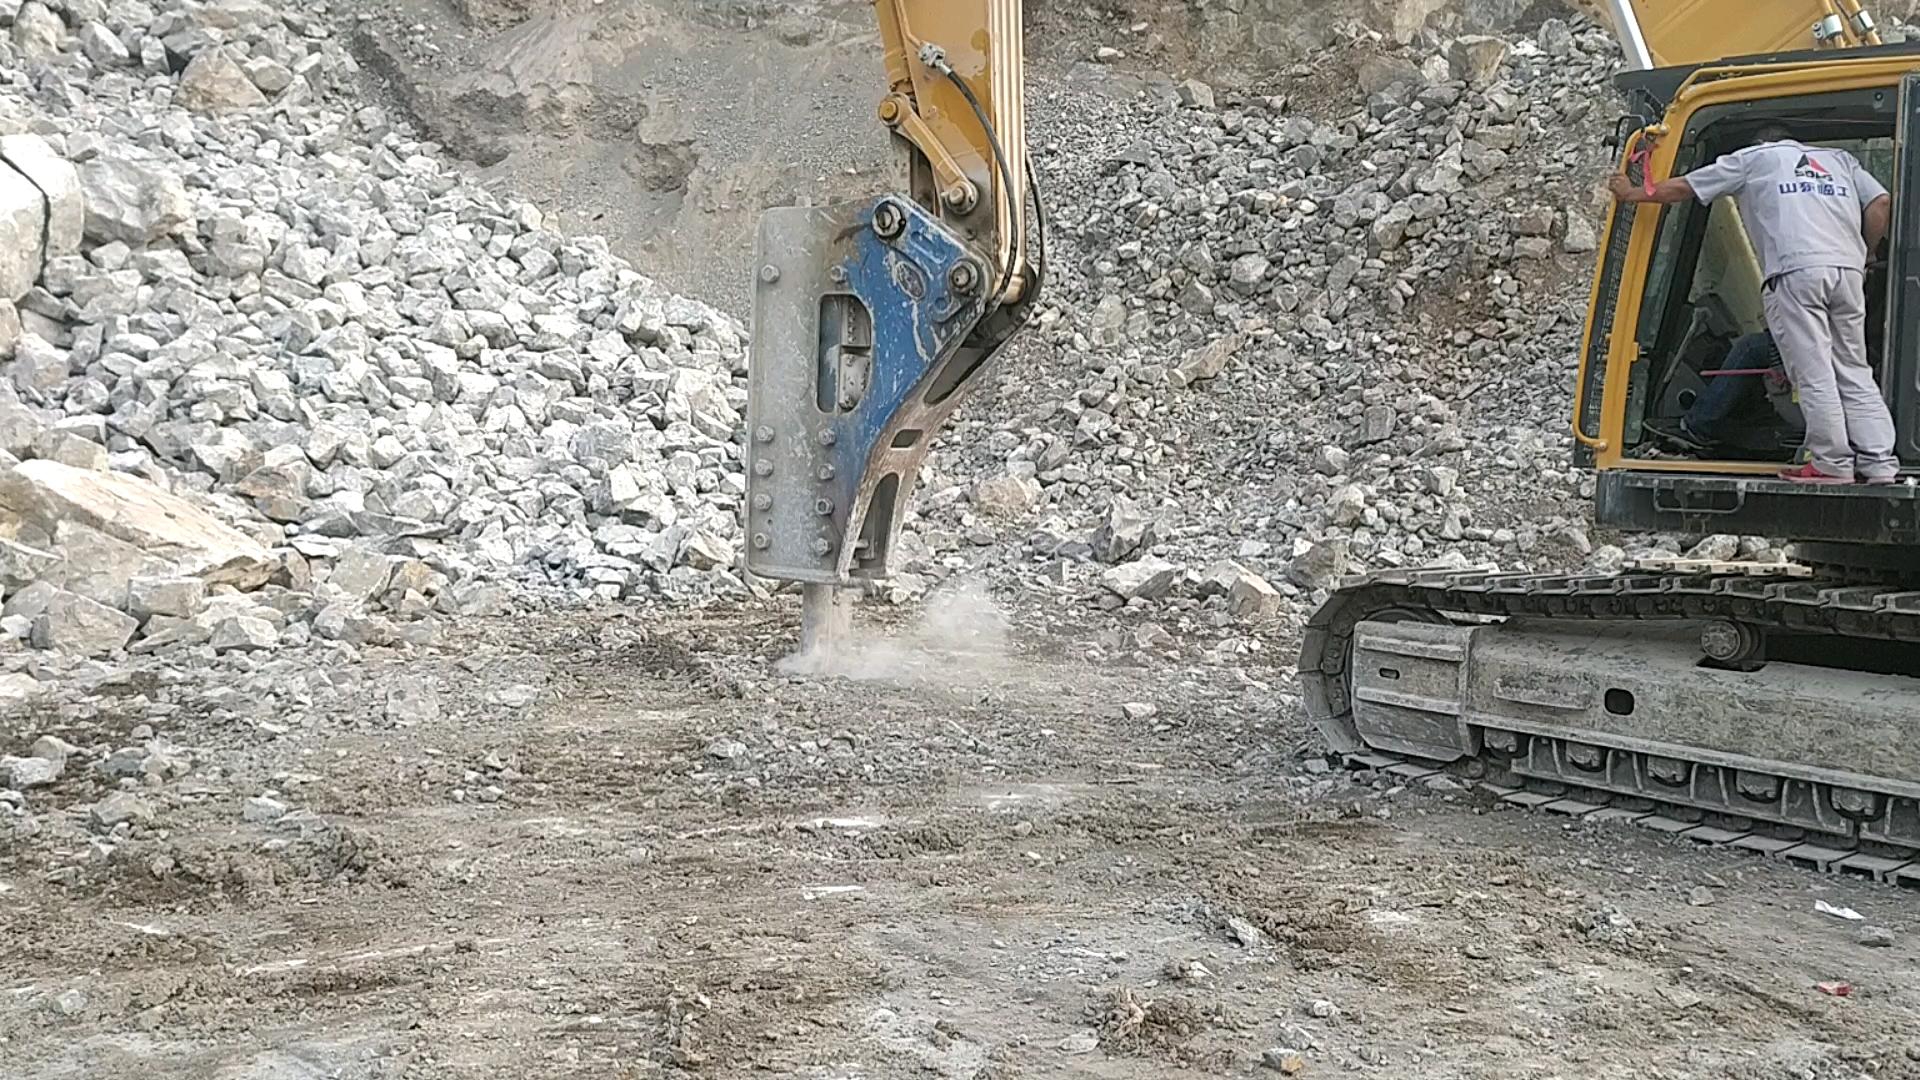 【我是说车达人】国产打锤王山东临工500效率品质成就客户